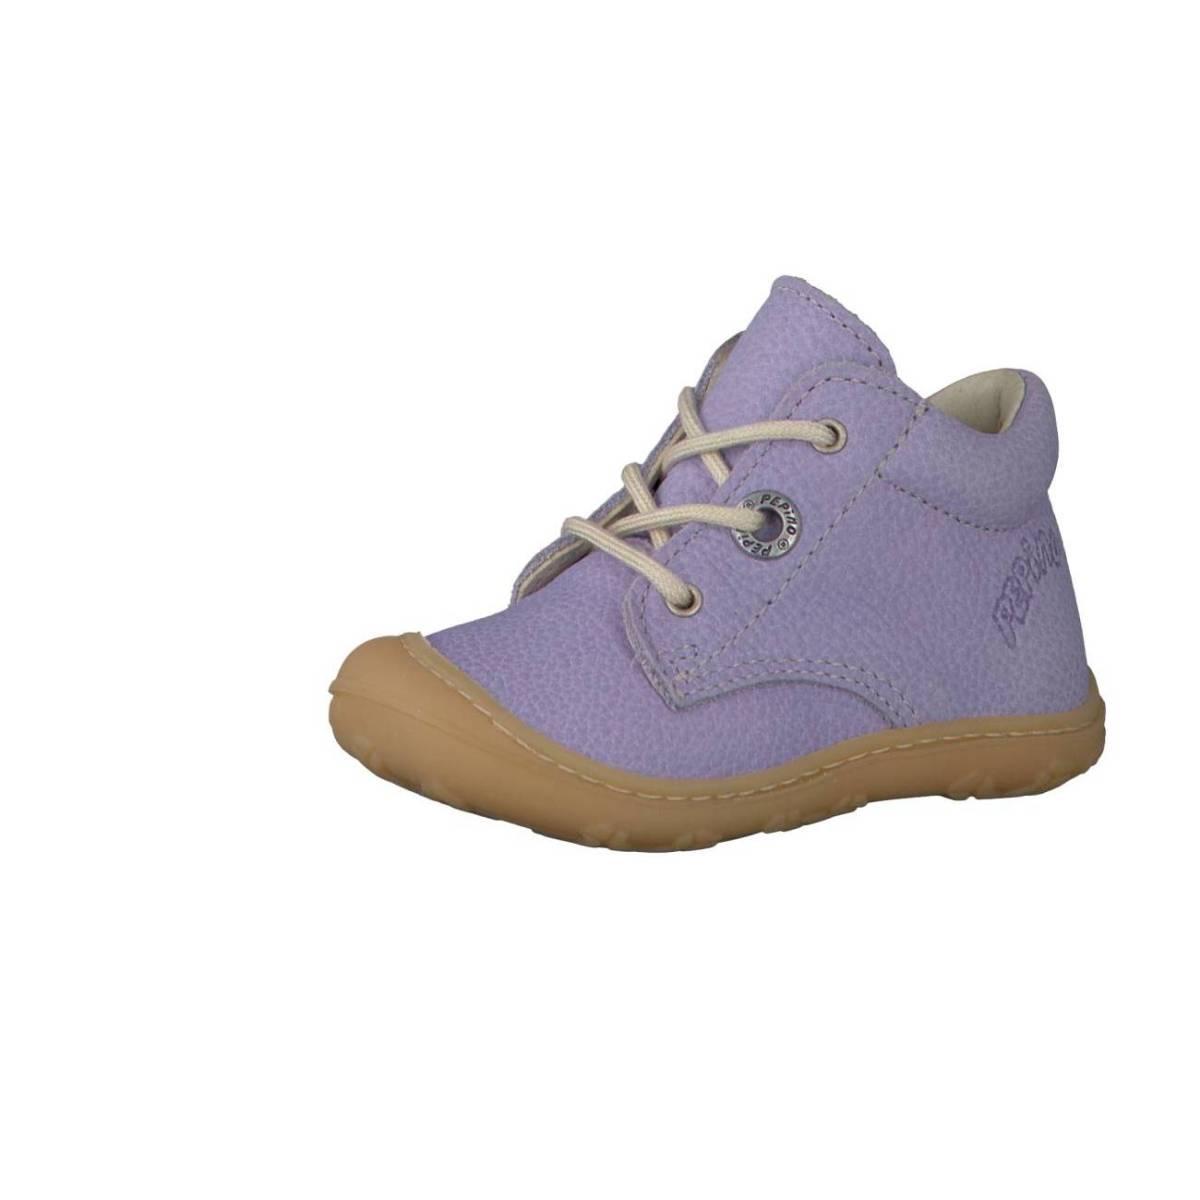 Ricosta Pepino Cory flieder lilac Lauflernschuhe Stiefelchen Jungen Mädchen